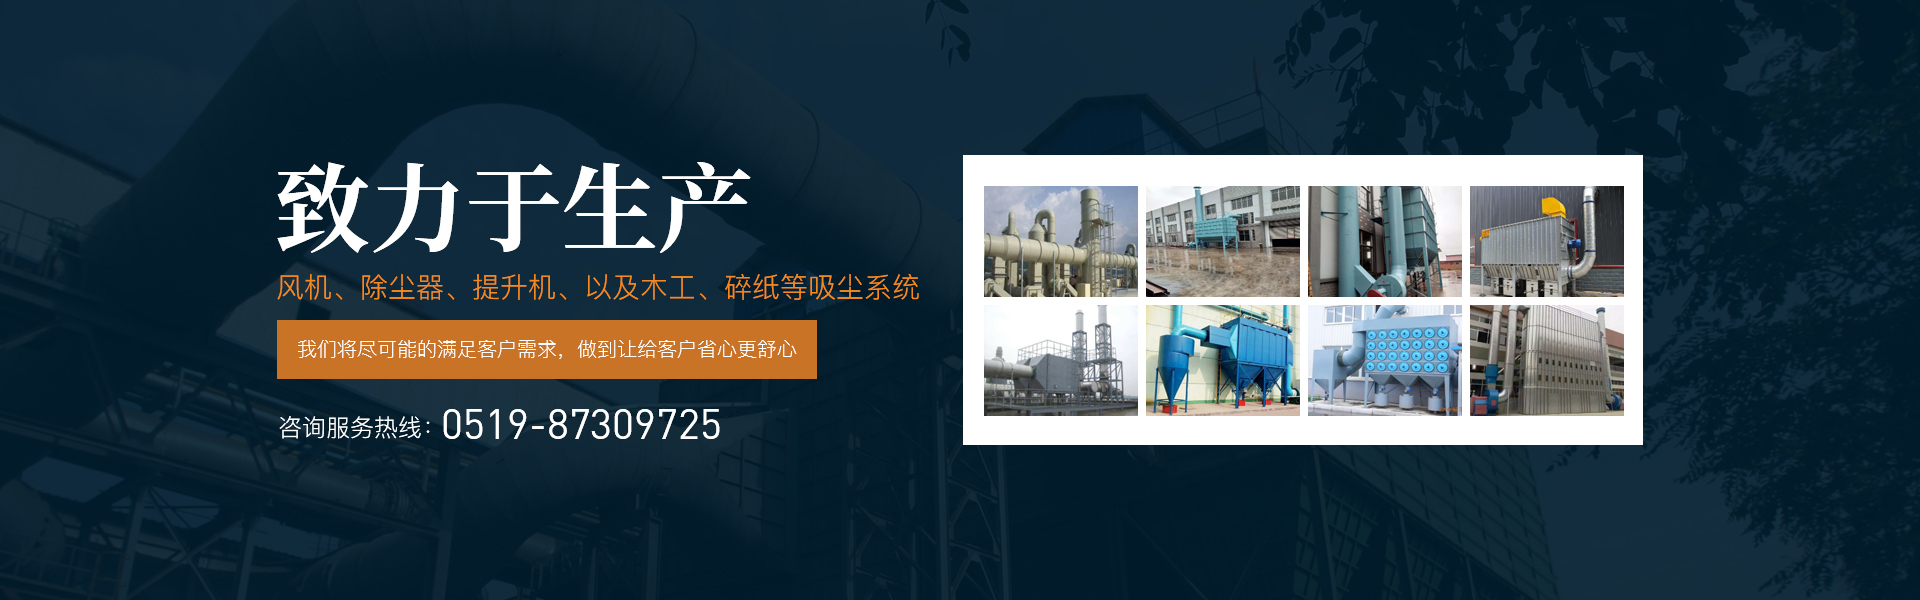 溧阳市同兴机械制造有限公司